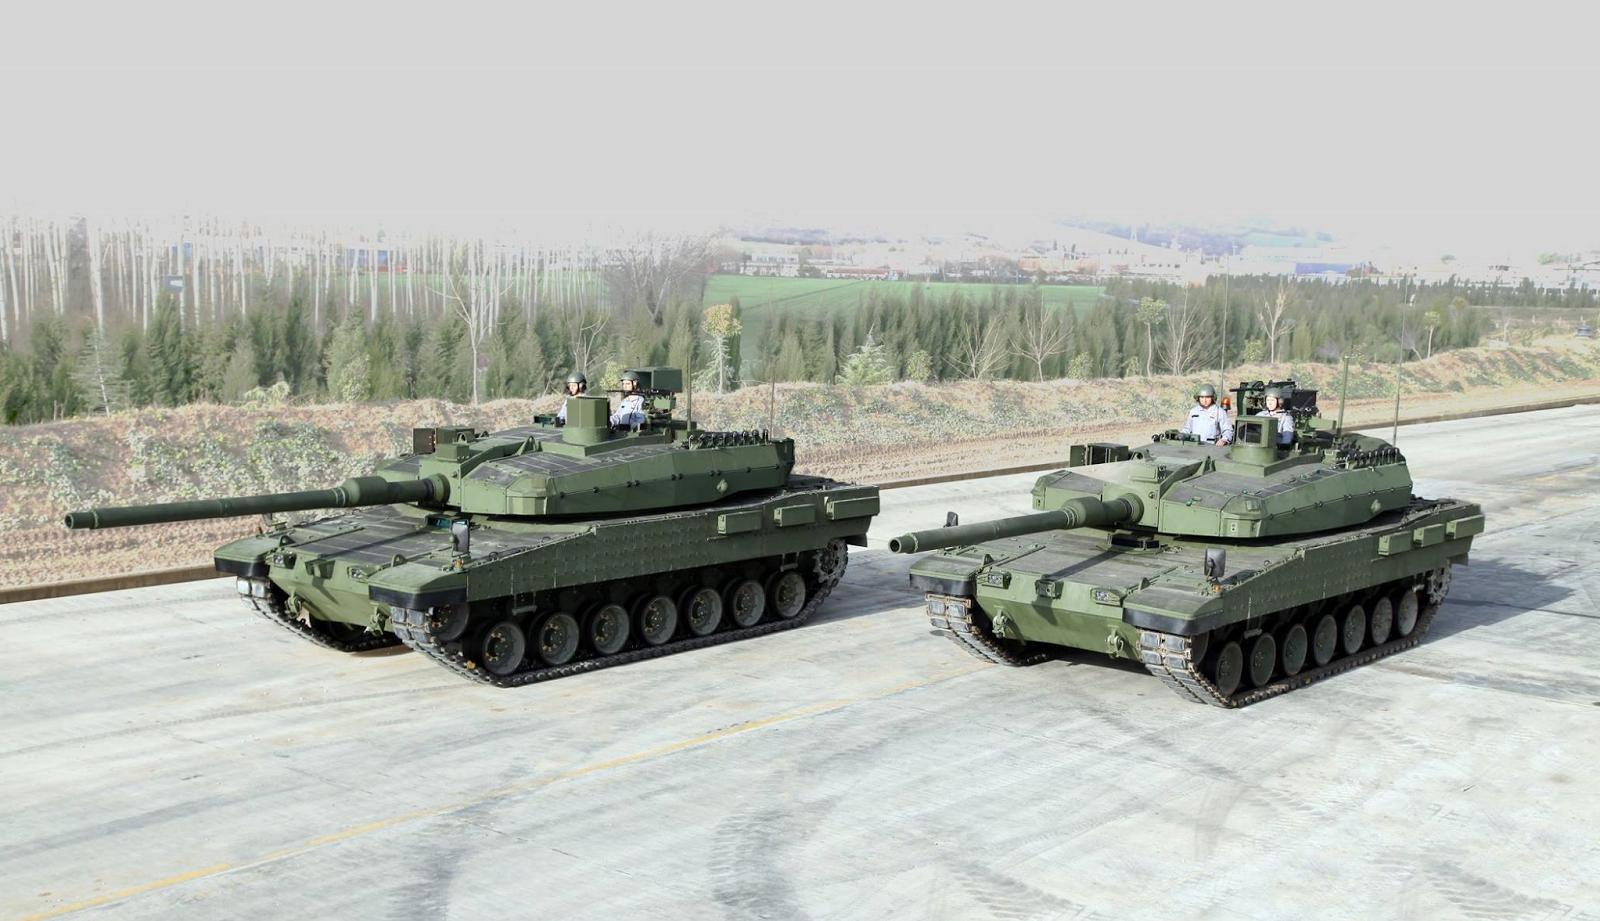 altay ana muharebe tankı ile ilgili görsel sonucu